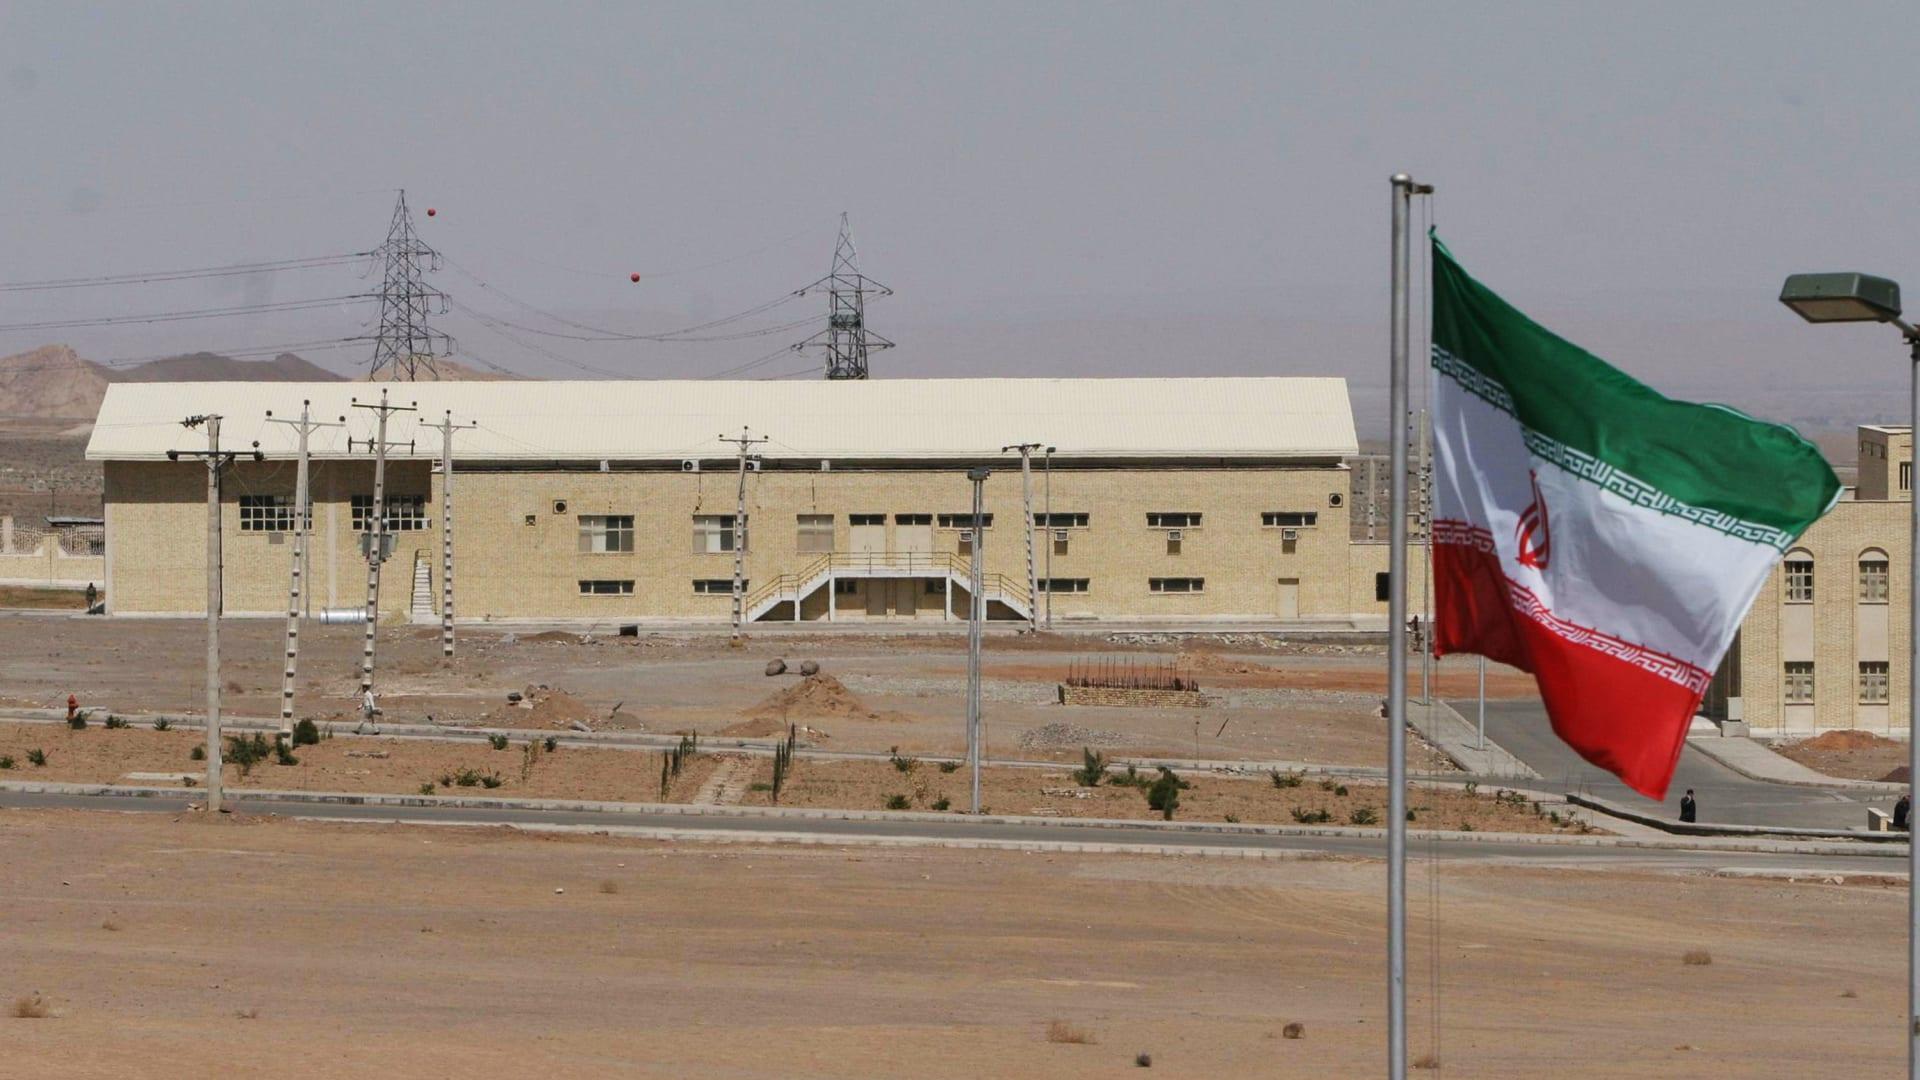 بعد الهجوم عليها.. إيران تزيد أجهزة الطرد في منشأة نطنز ونسبة التخصيب ستبلغ 60%